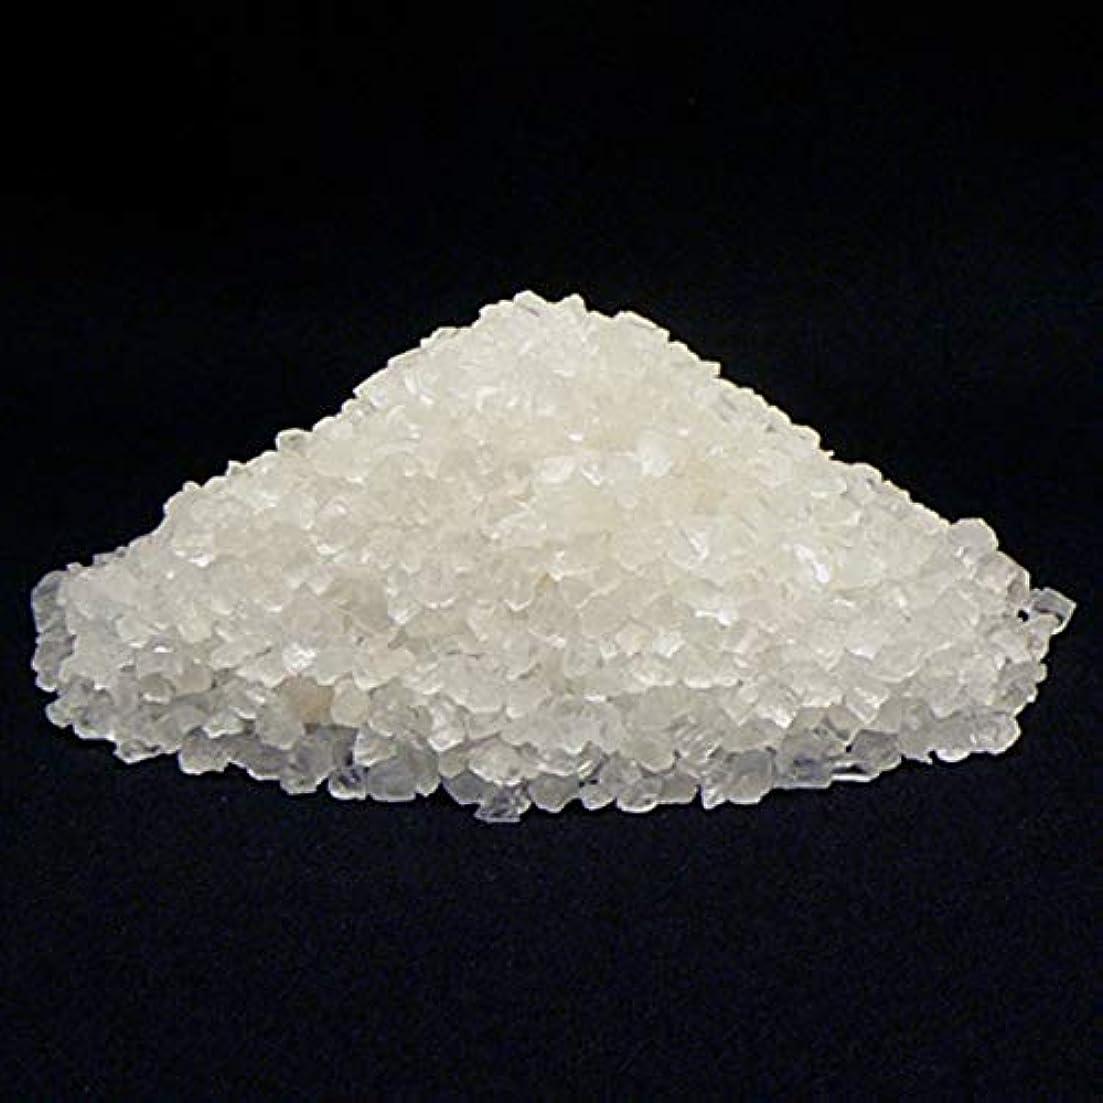 ドロップデイジーながらヒマラヤ岩塩 クリスタルソルト 入浴用 バスソルト(小粒)クリスタル岩塩 白岩塩 (1kg+250g増量)